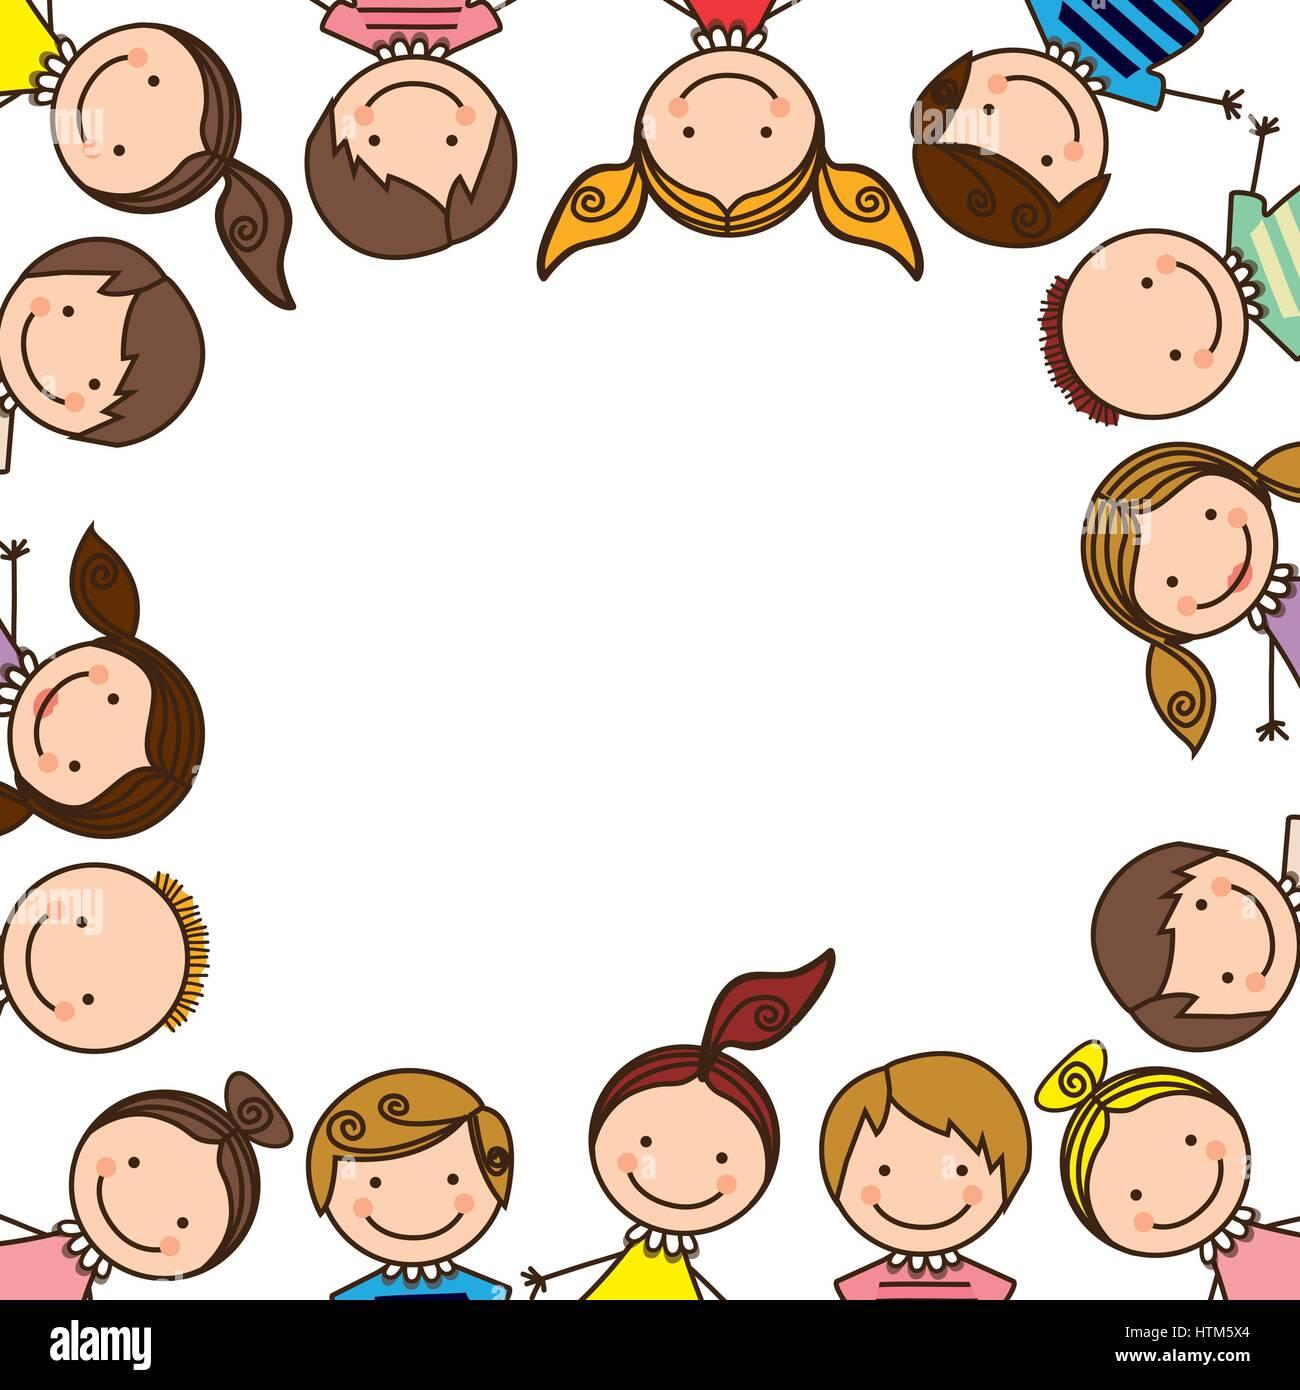 children border wwwpixsharkcom images galleries with